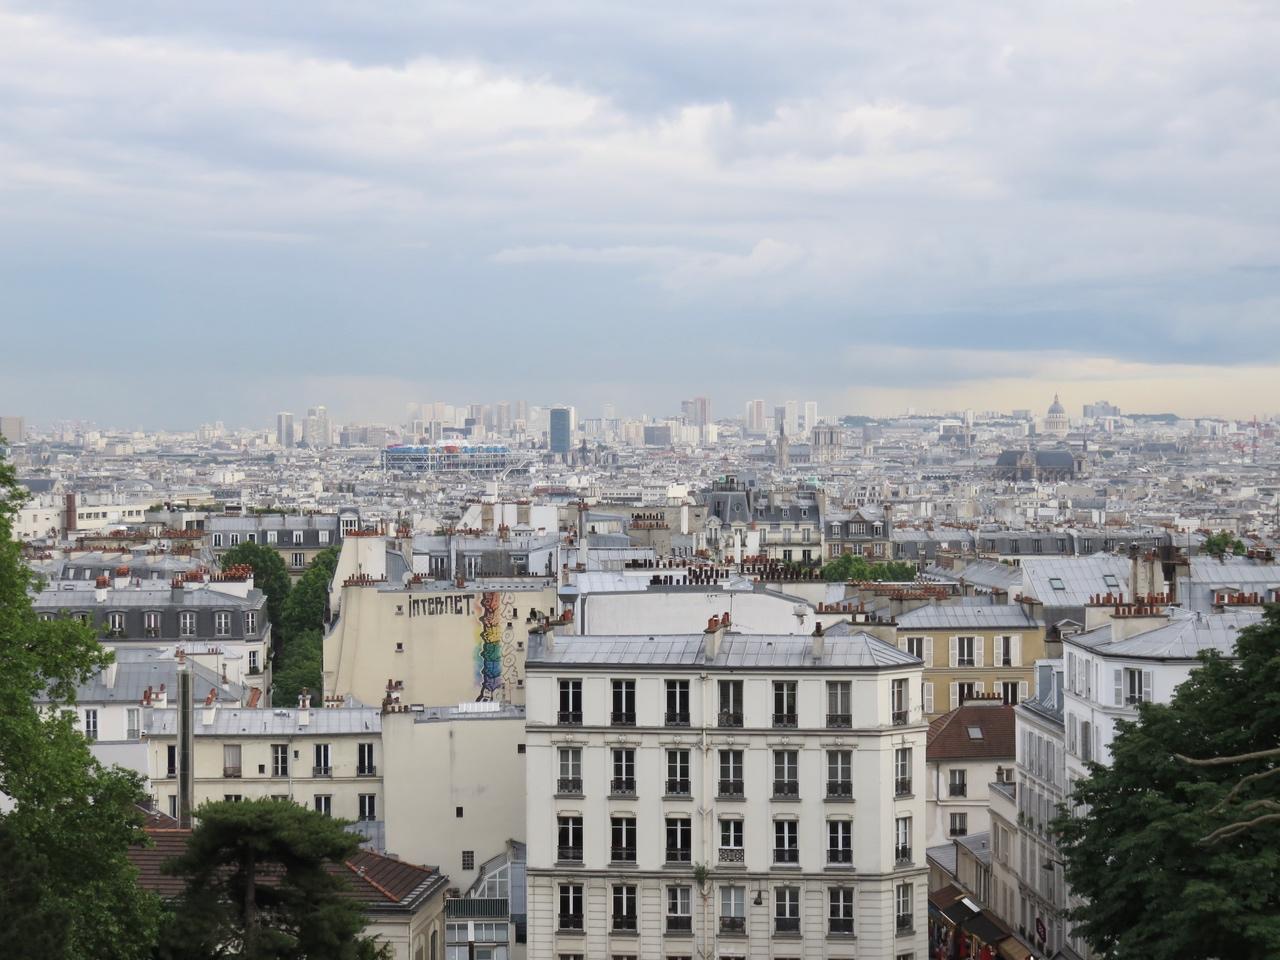 Parigi personale, Parigi, Francia, Paris, Sacre Coeur, Montmartre